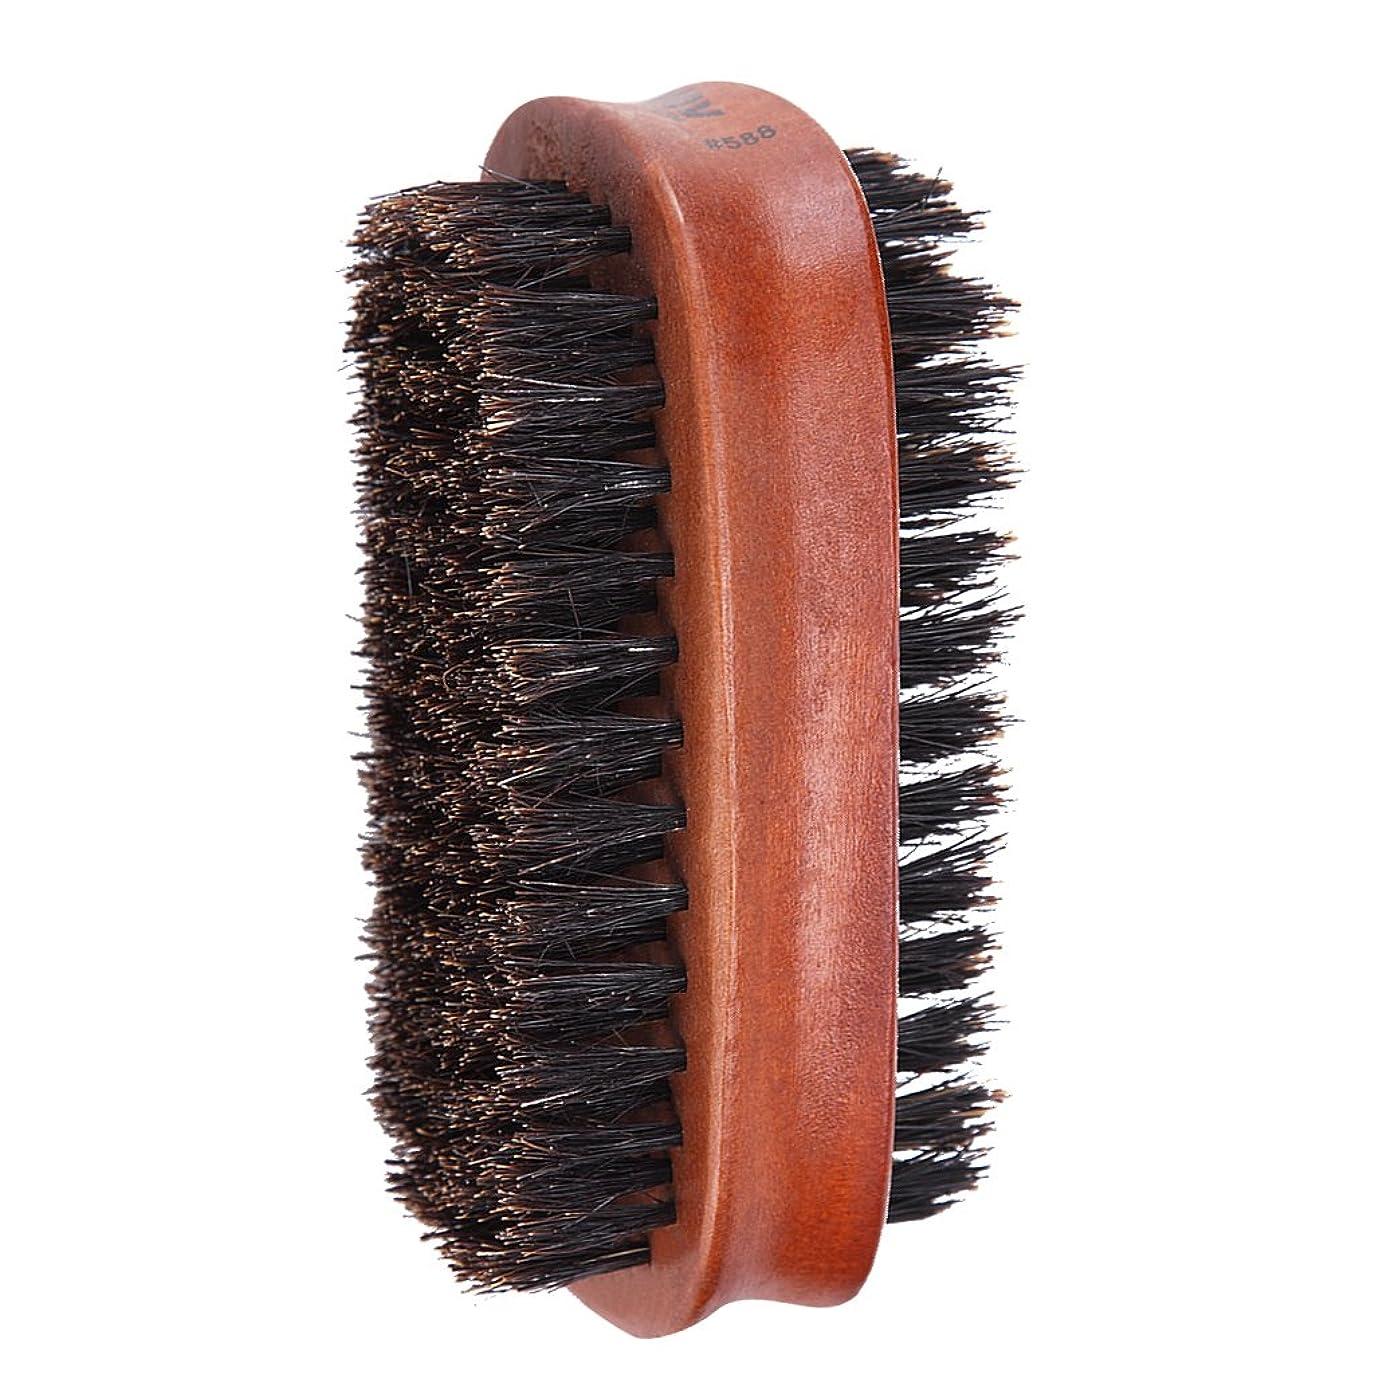 講堂退屈させる保安CUTICATE 男性髪髭口ひげグルーミングブラシハード両面コーム